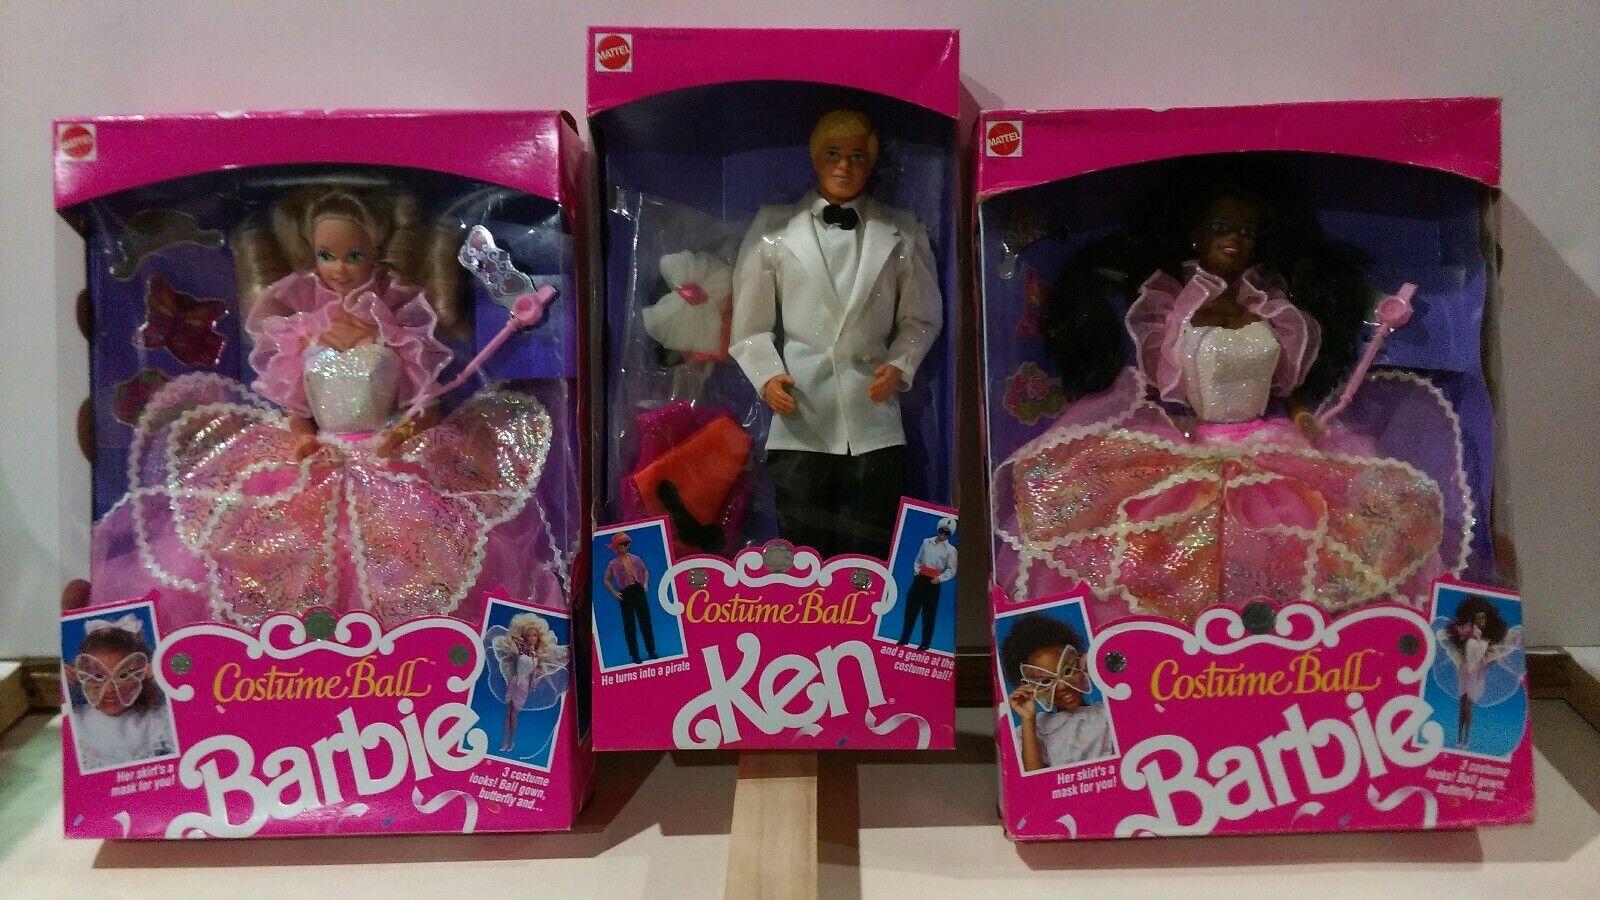 Lote de 3 Muñecas Barbie Ken Costume Ball 1990